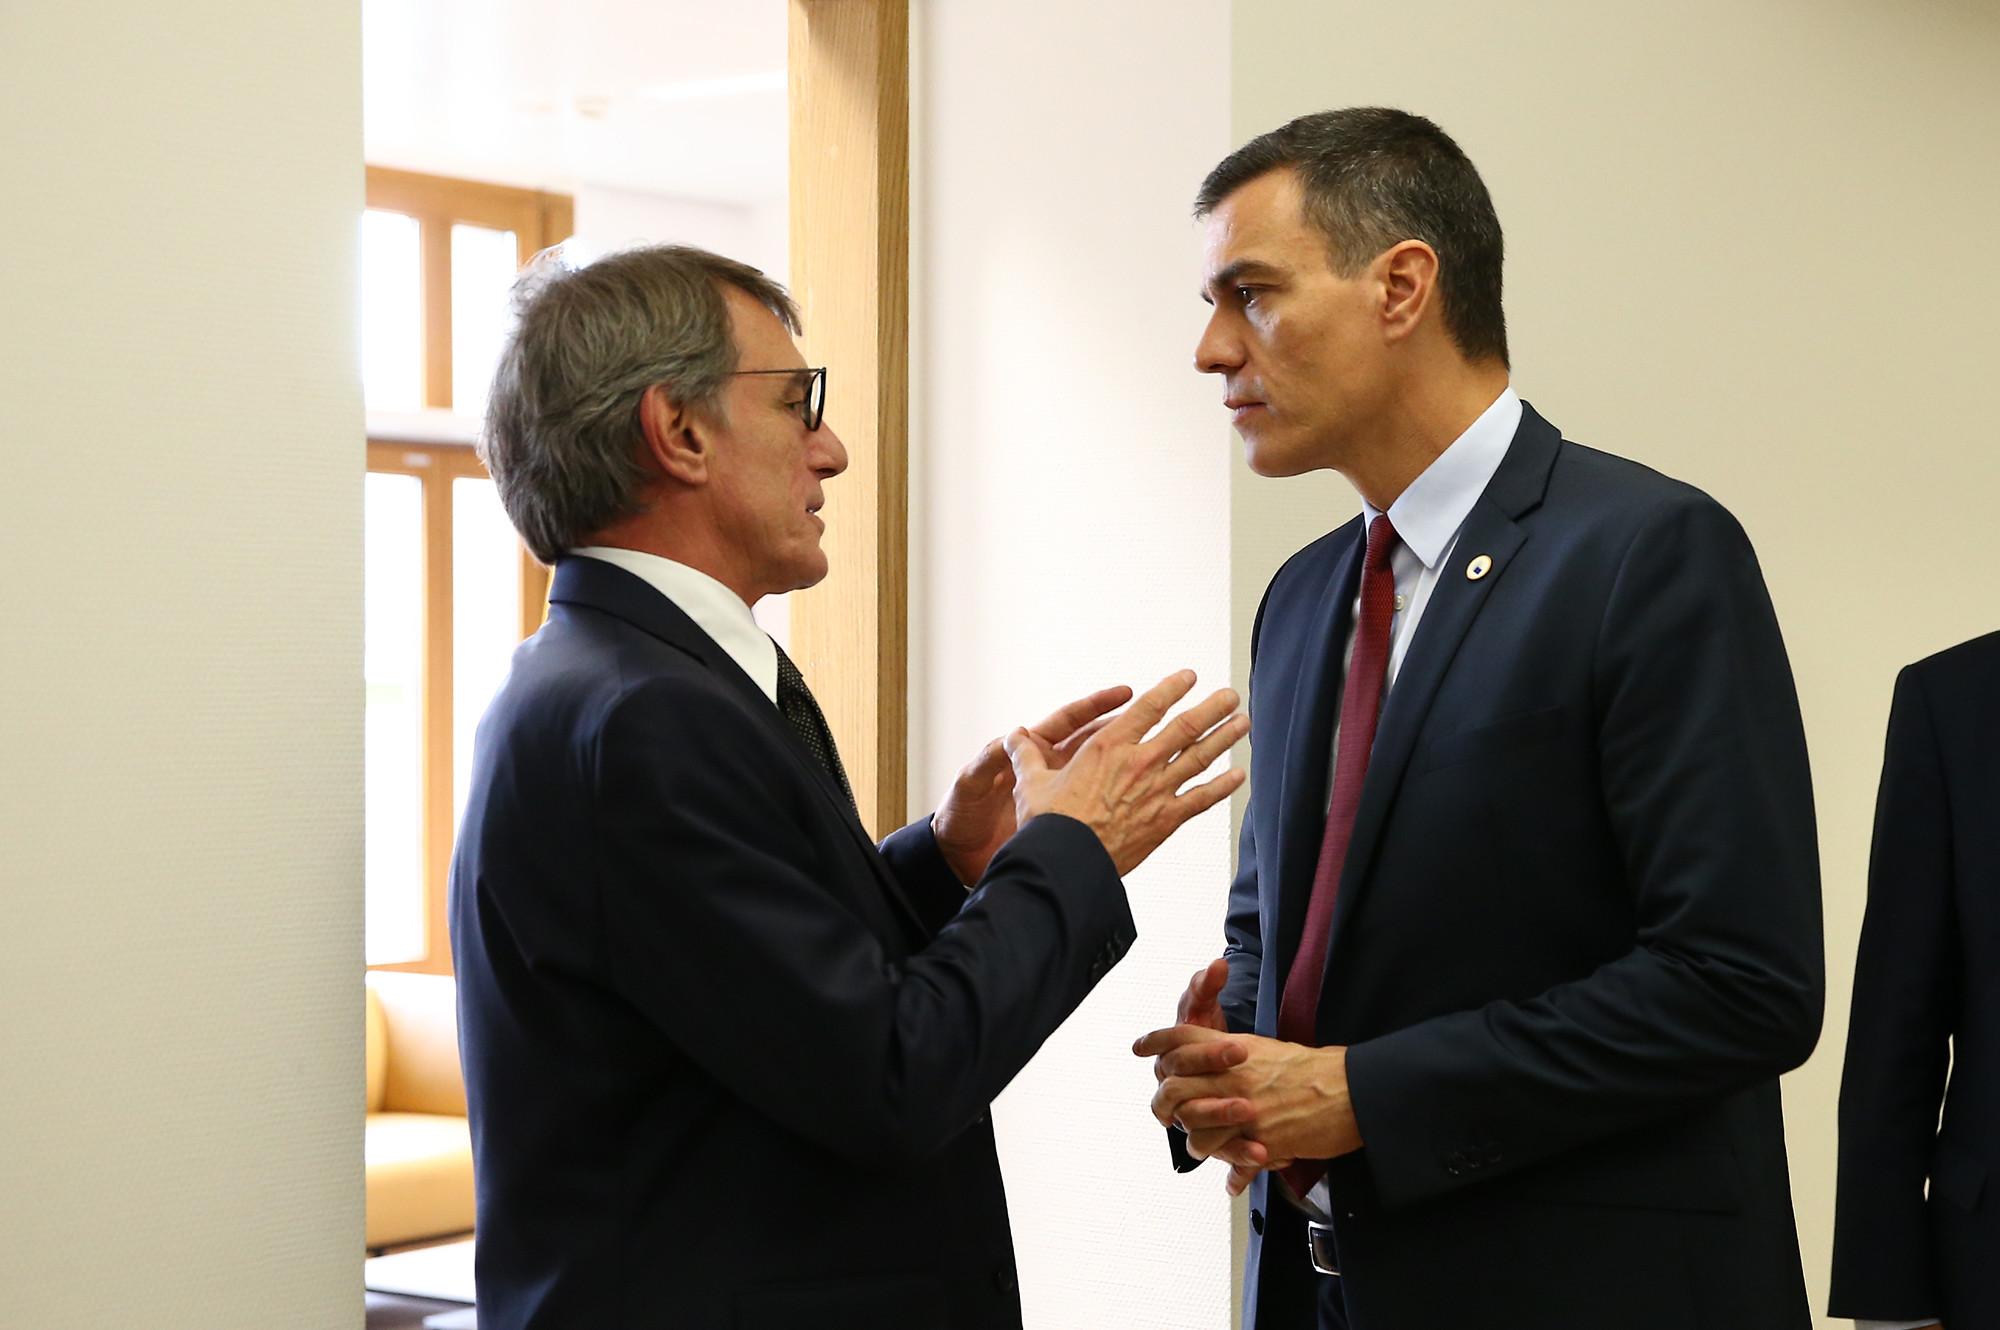 Pedro Sánchez intentará ser investido presidente antes de Navidad para no tener que aguantar los comentarios de su cuñado en Nochebuena